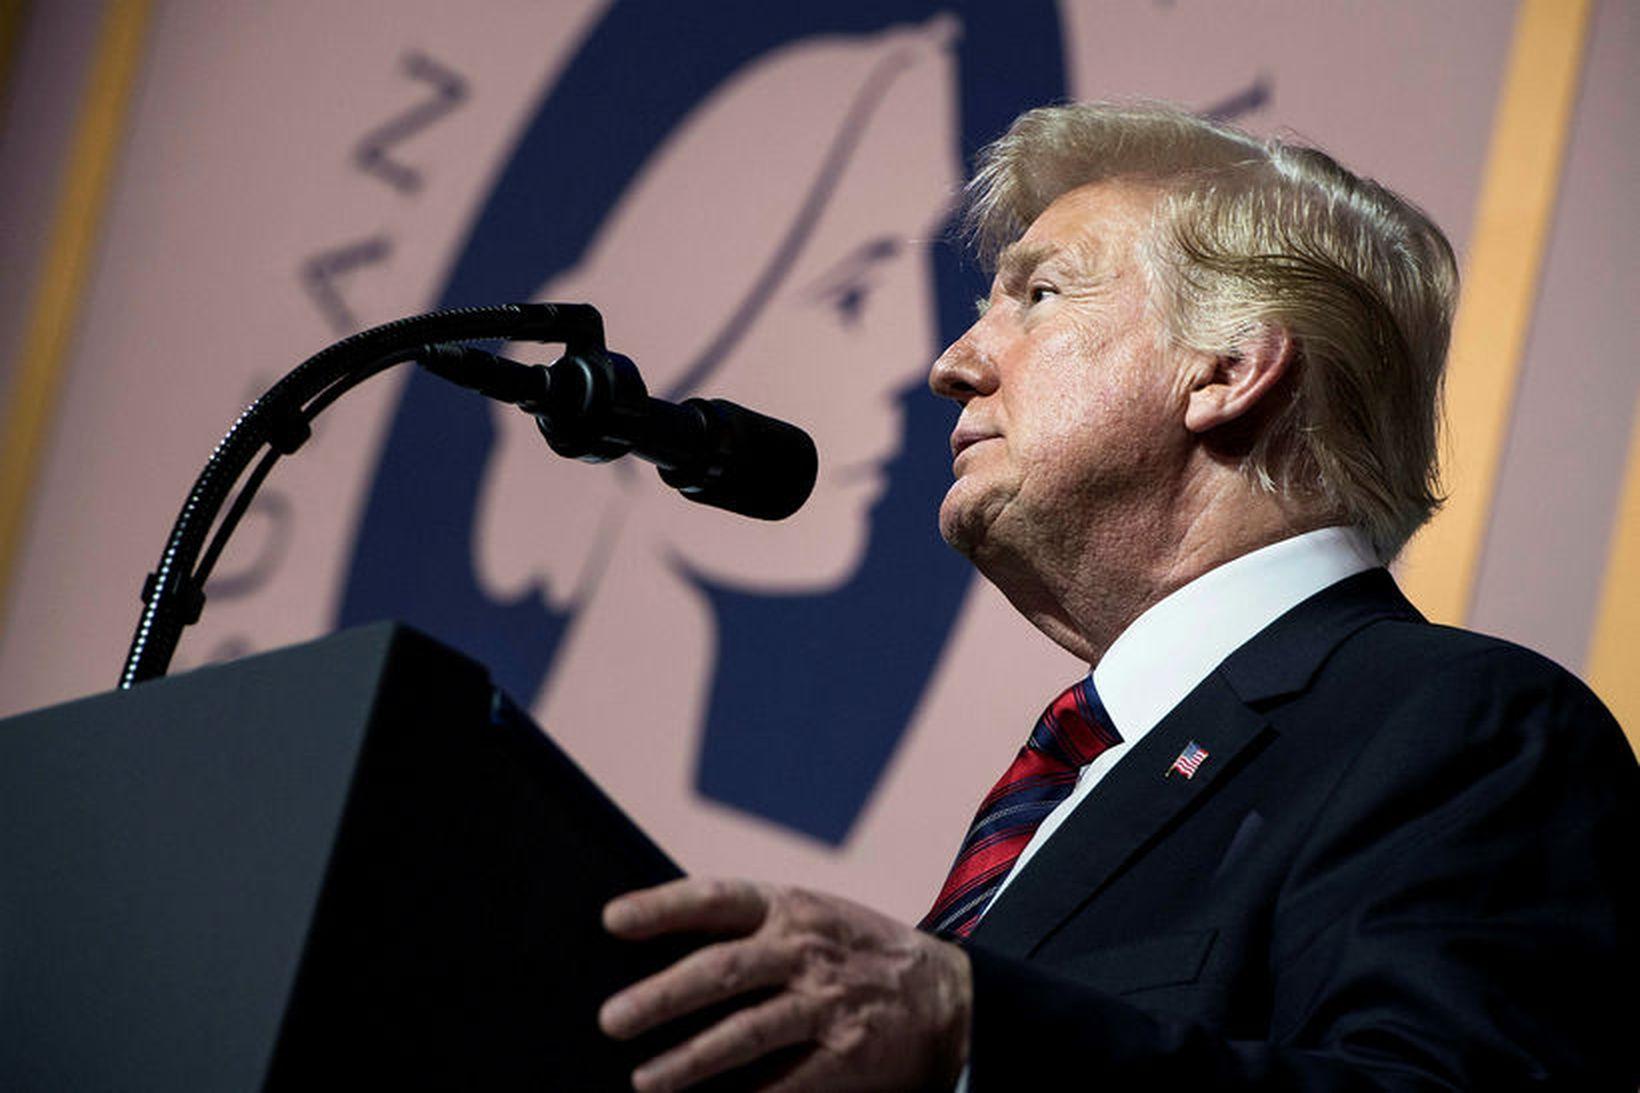 Trump hefur farið hörðum orðum um Dodd-Frank-löggjöfina.